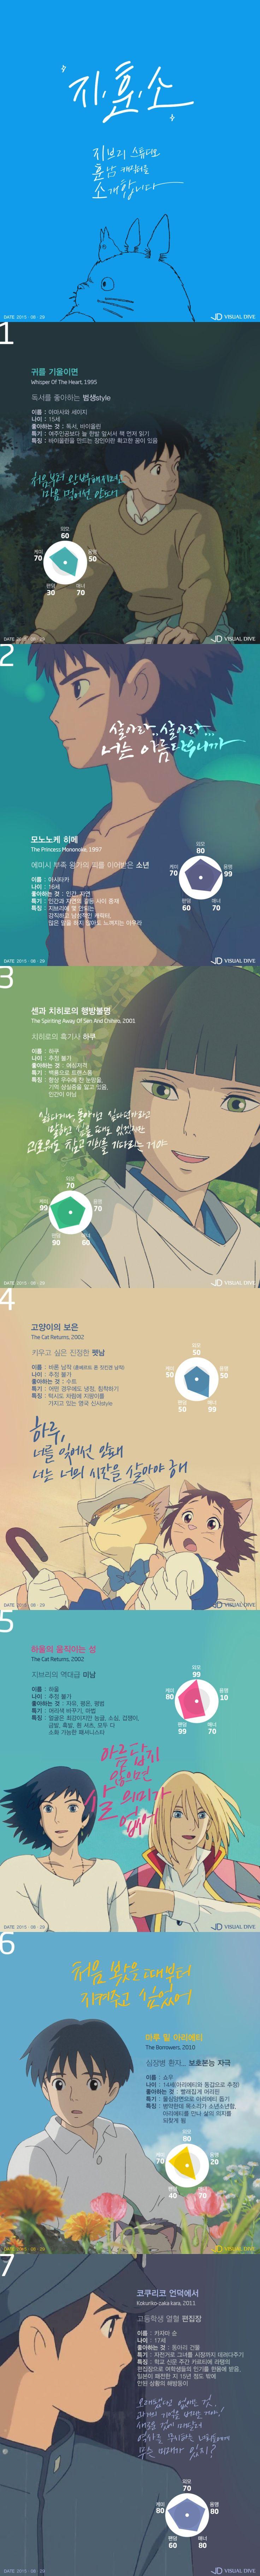 지브리 스튜디오 훈남 캐릭터를 소개합니다 [인포그래픽] #Character / #Infographic ⓒ 비주얼다이브 무단 복사·전재·재배포…